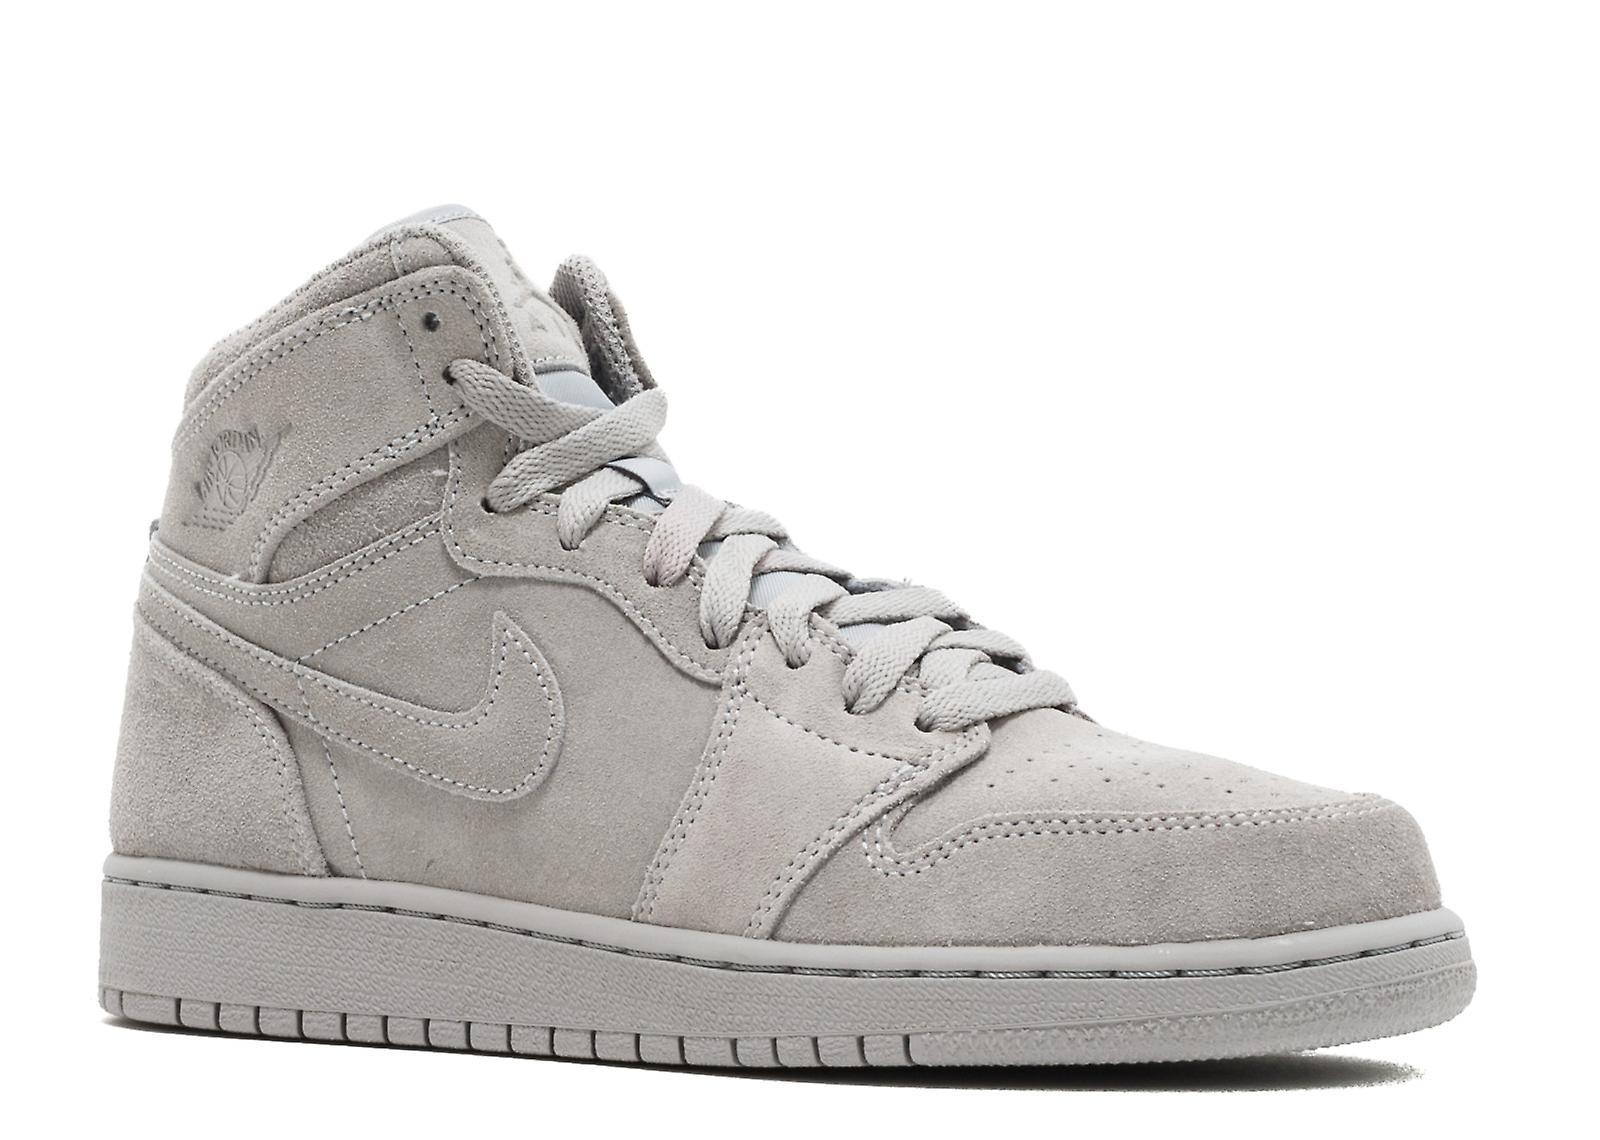 Air Jordan 1 Retro High Bg (Gs) - 705300 - 031 - chaussures